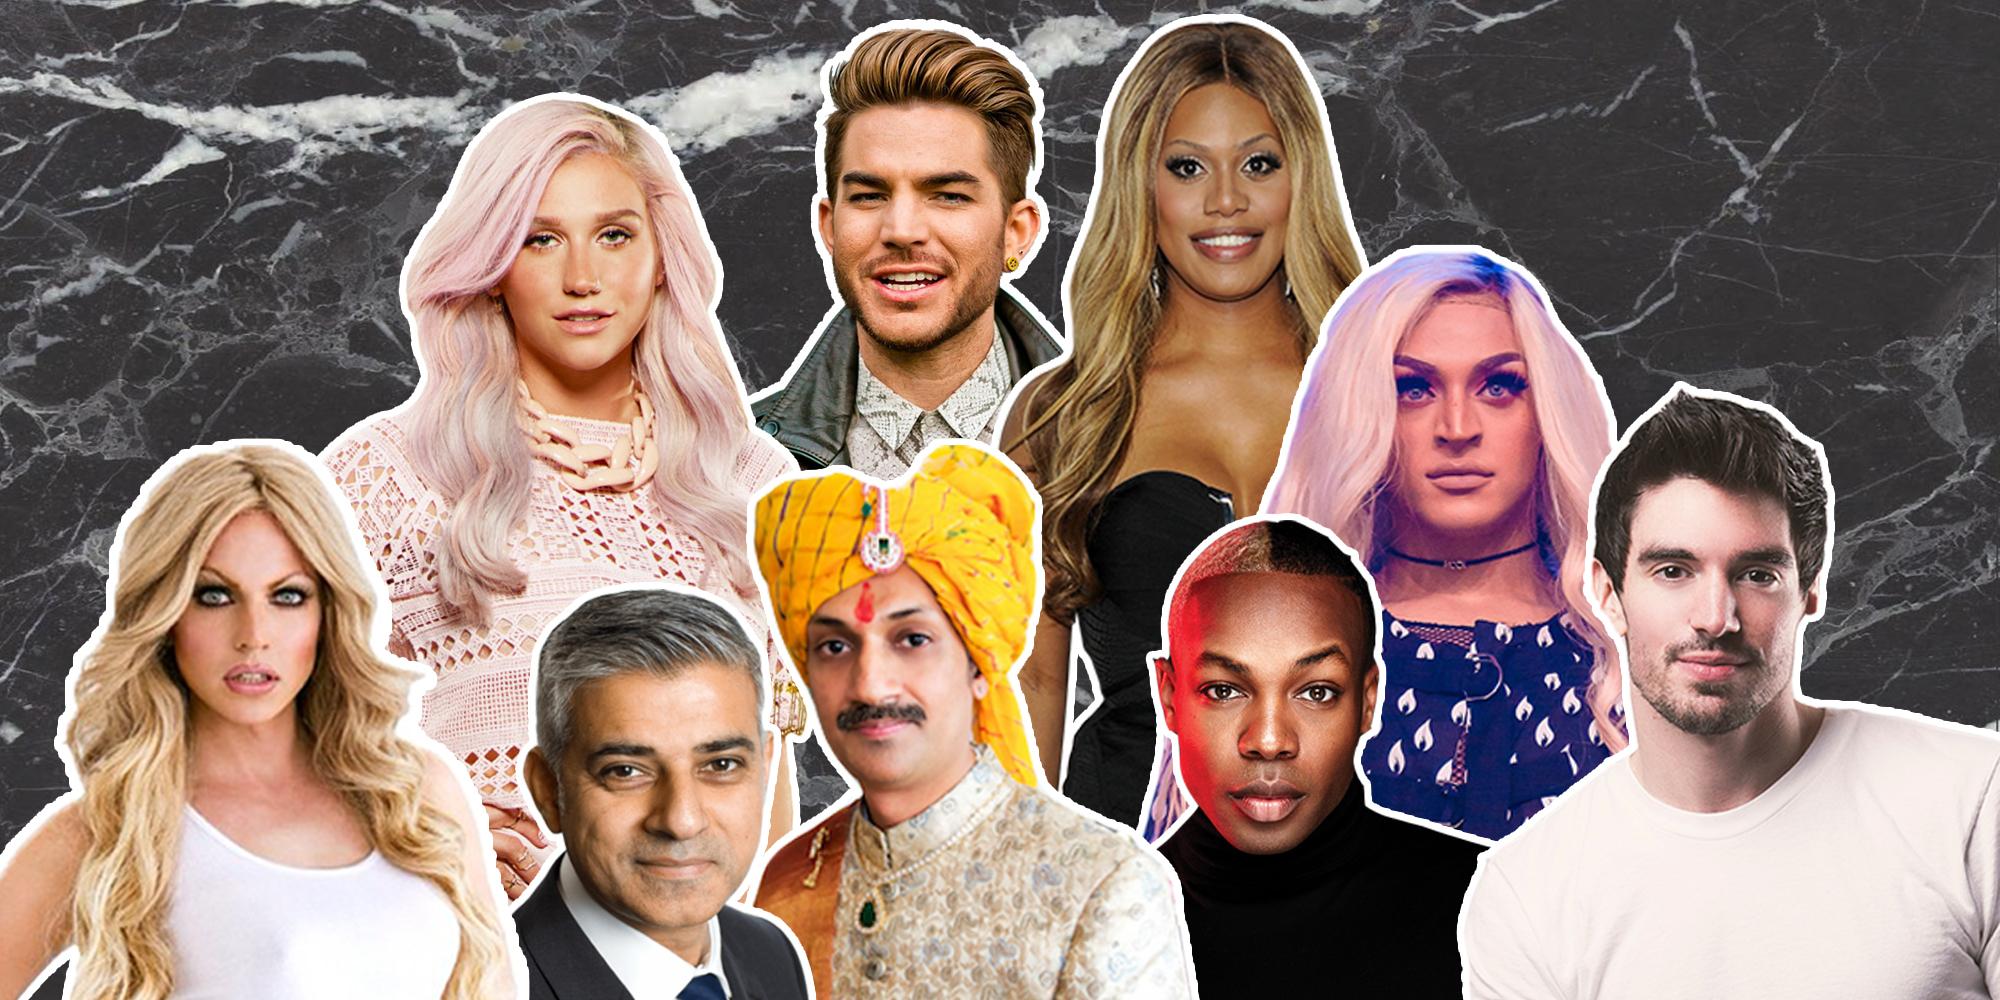 สุดสัปดาห์นี้กับงานไพรด์ 2020 จะกลายเป็นงานอีเว้นท์ LGBTQ ที่ใหญ่ที่สุดในโลก